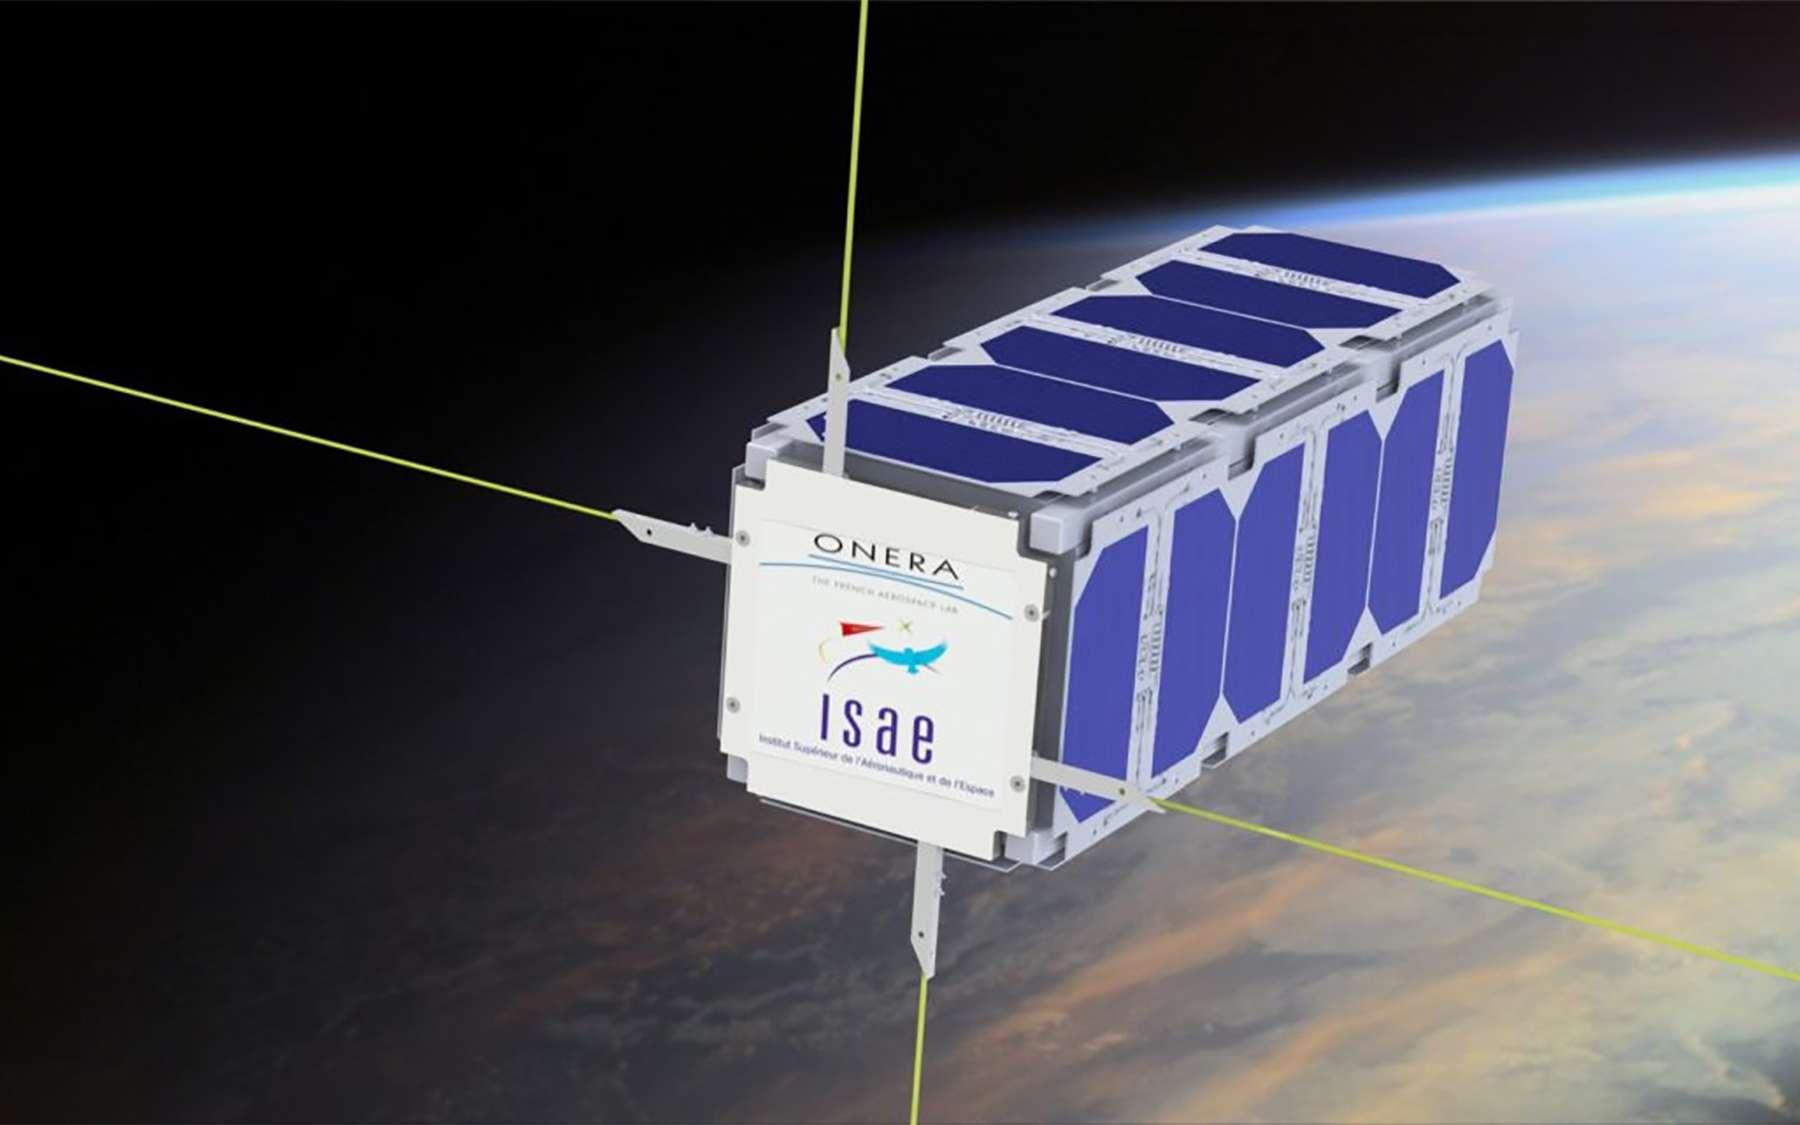 Vue d'artiste d'EntrySat. Ce Cubesat de 3 unités sera utilisé comme débris spatial pour étudier et mieux comprendre la rentrée atmosphérique des débris. © Isae-Supaero